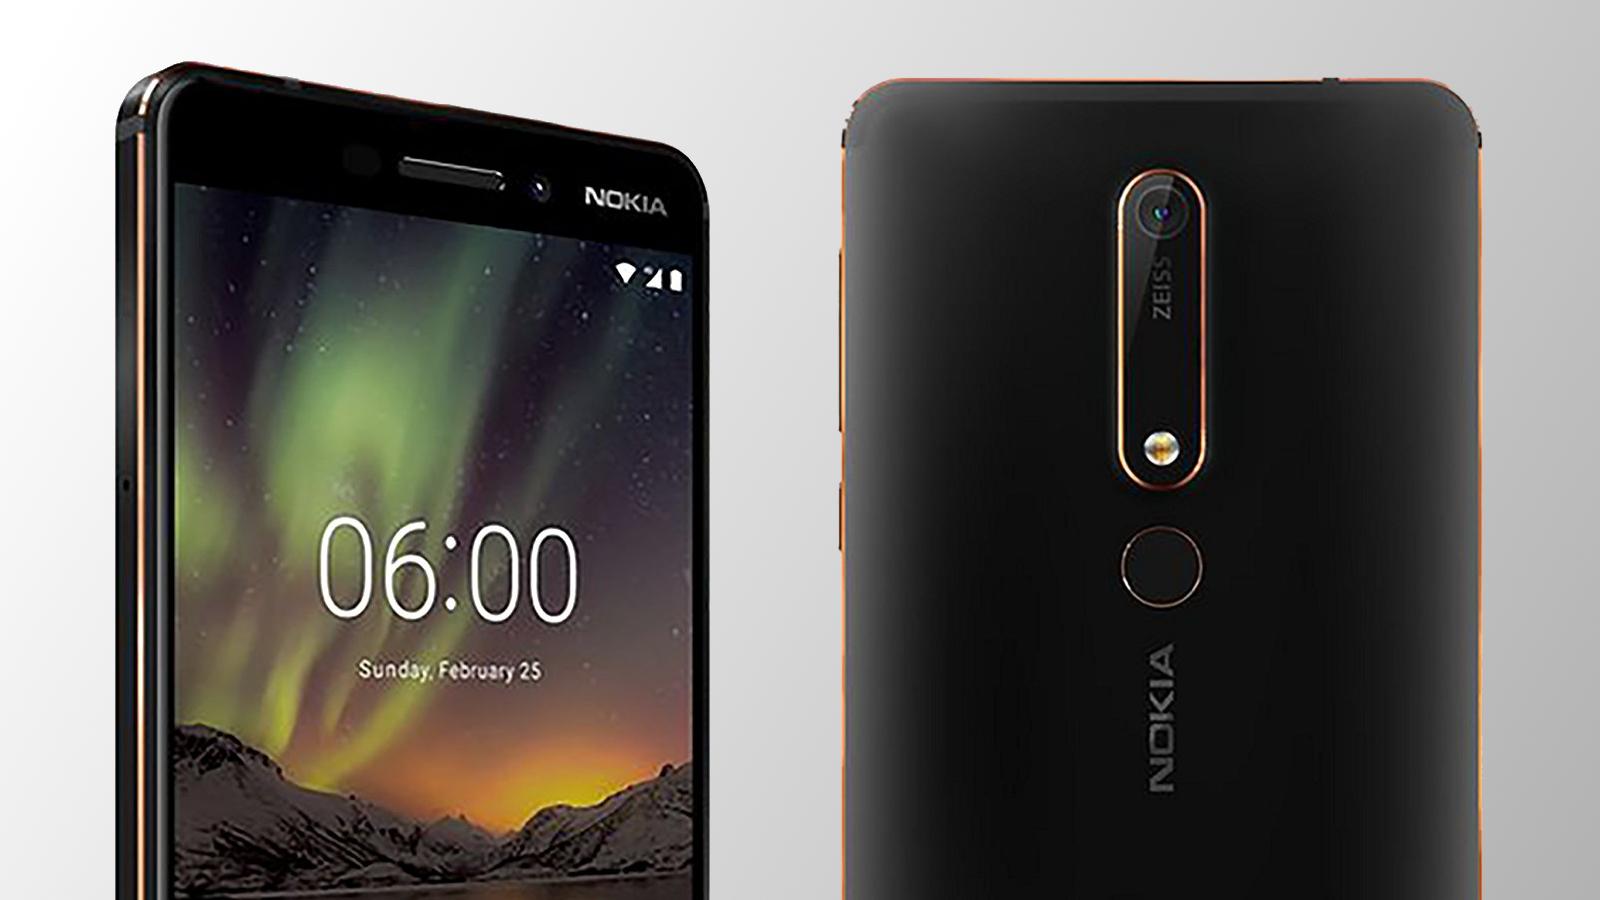 Global wants Nokia smartphones enterprise M3L2R8syXMJTxzdx9PMd